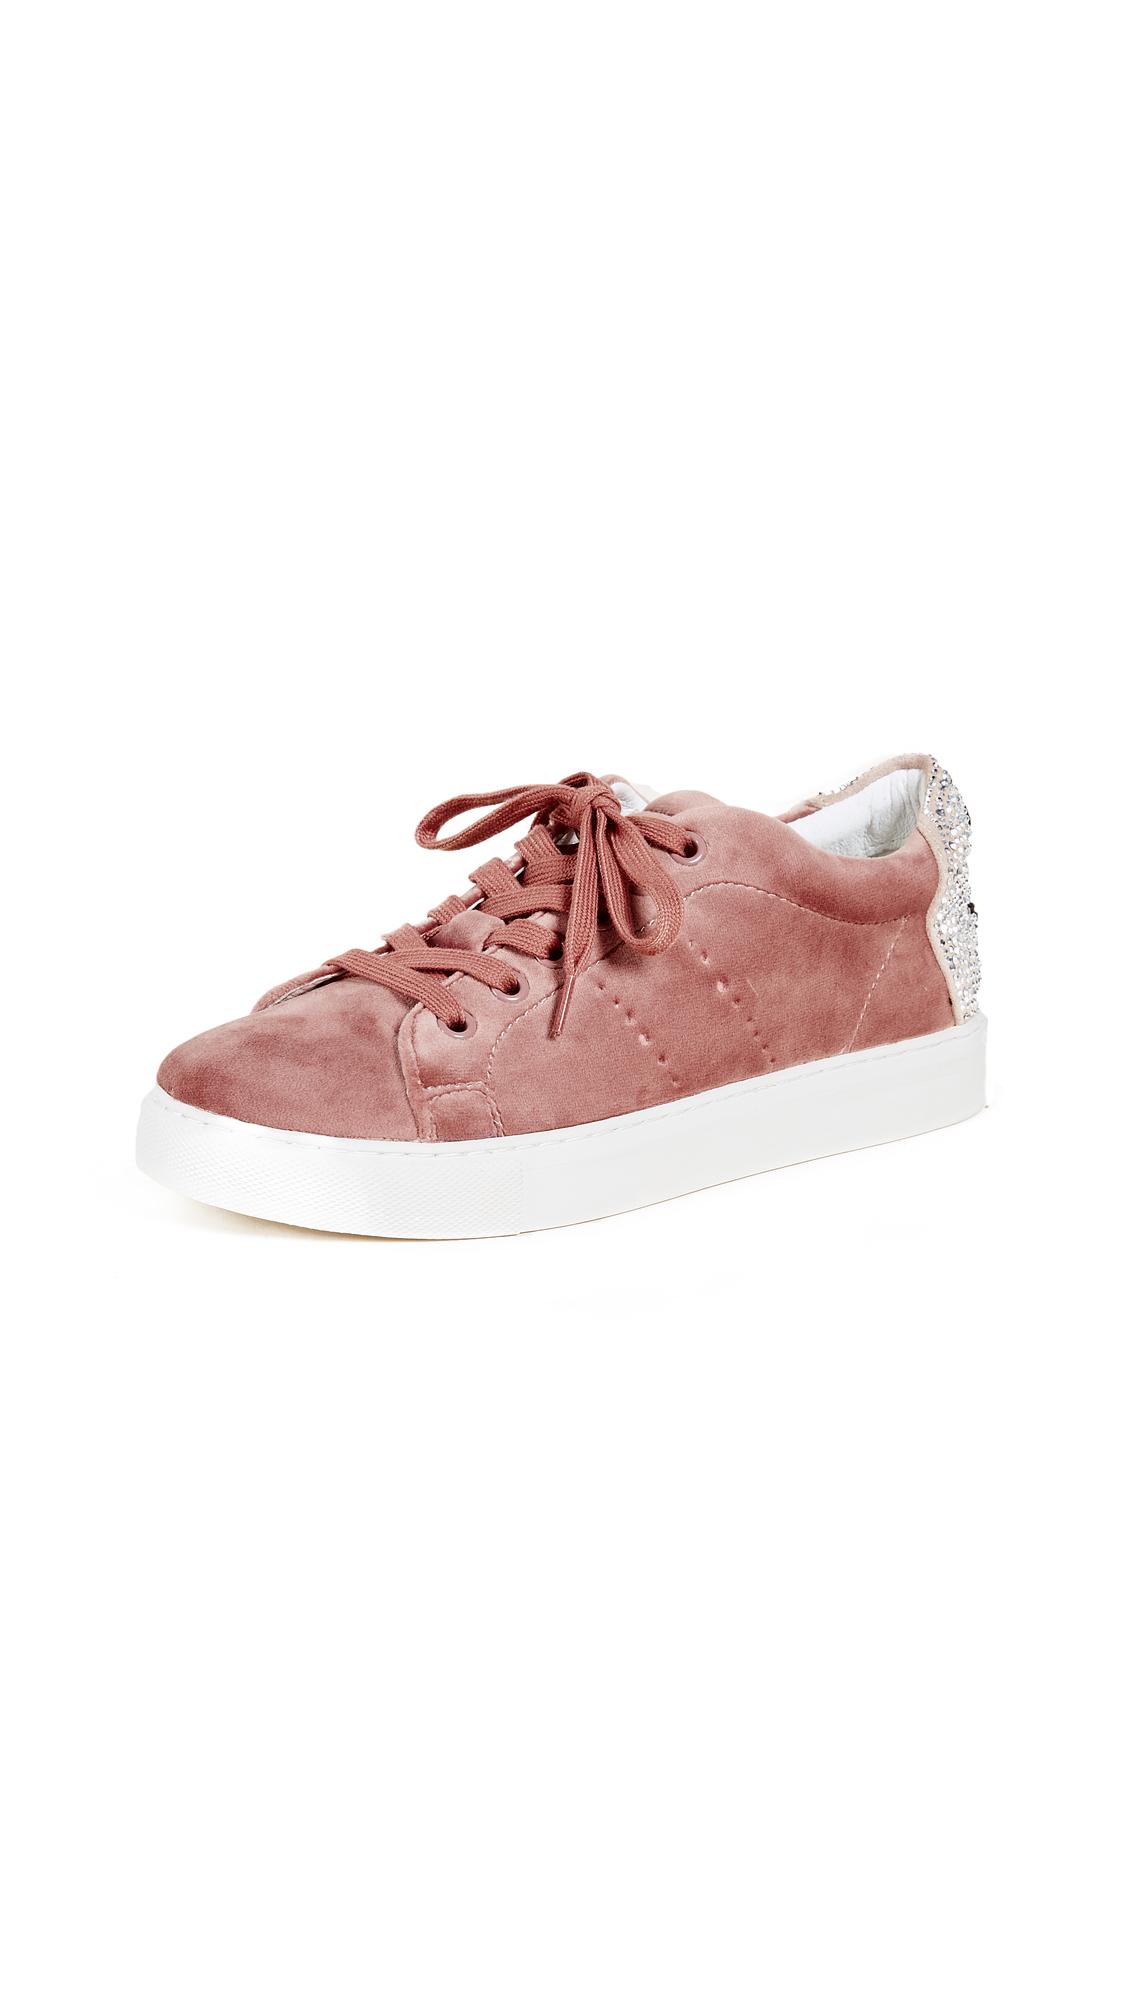 ONE by Smile Velvet Sneakers - Rosa